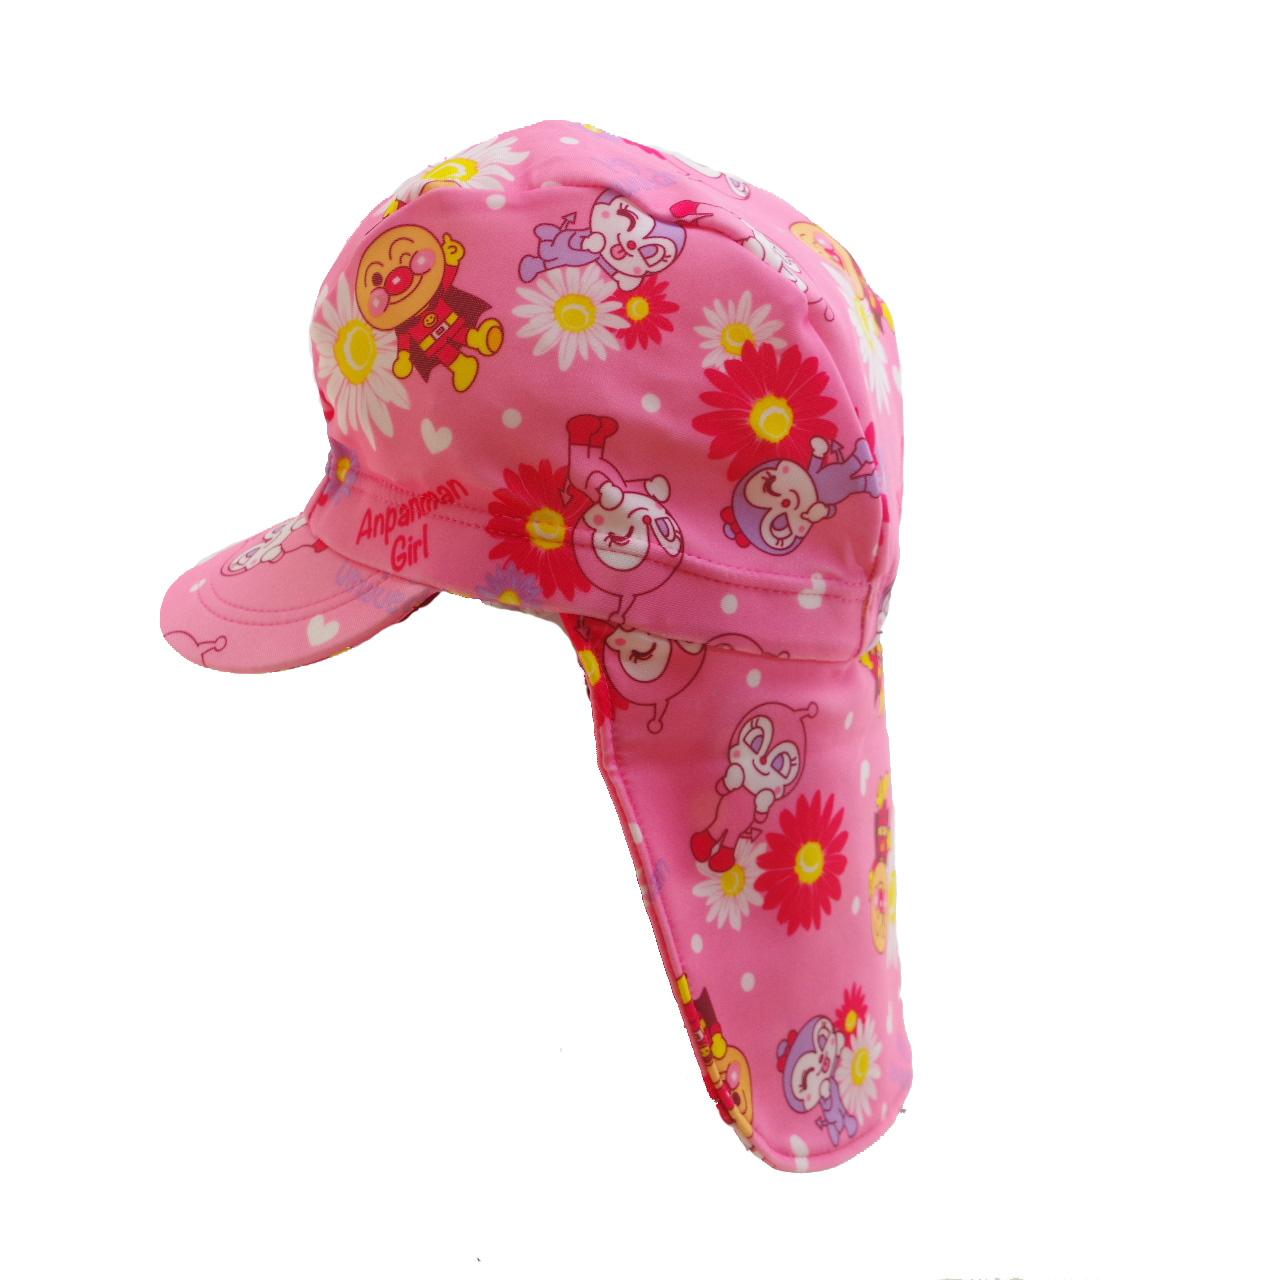 アンパンマン 水泳帽  日よけ布付 スイムキャップ 女児 (TA9831)